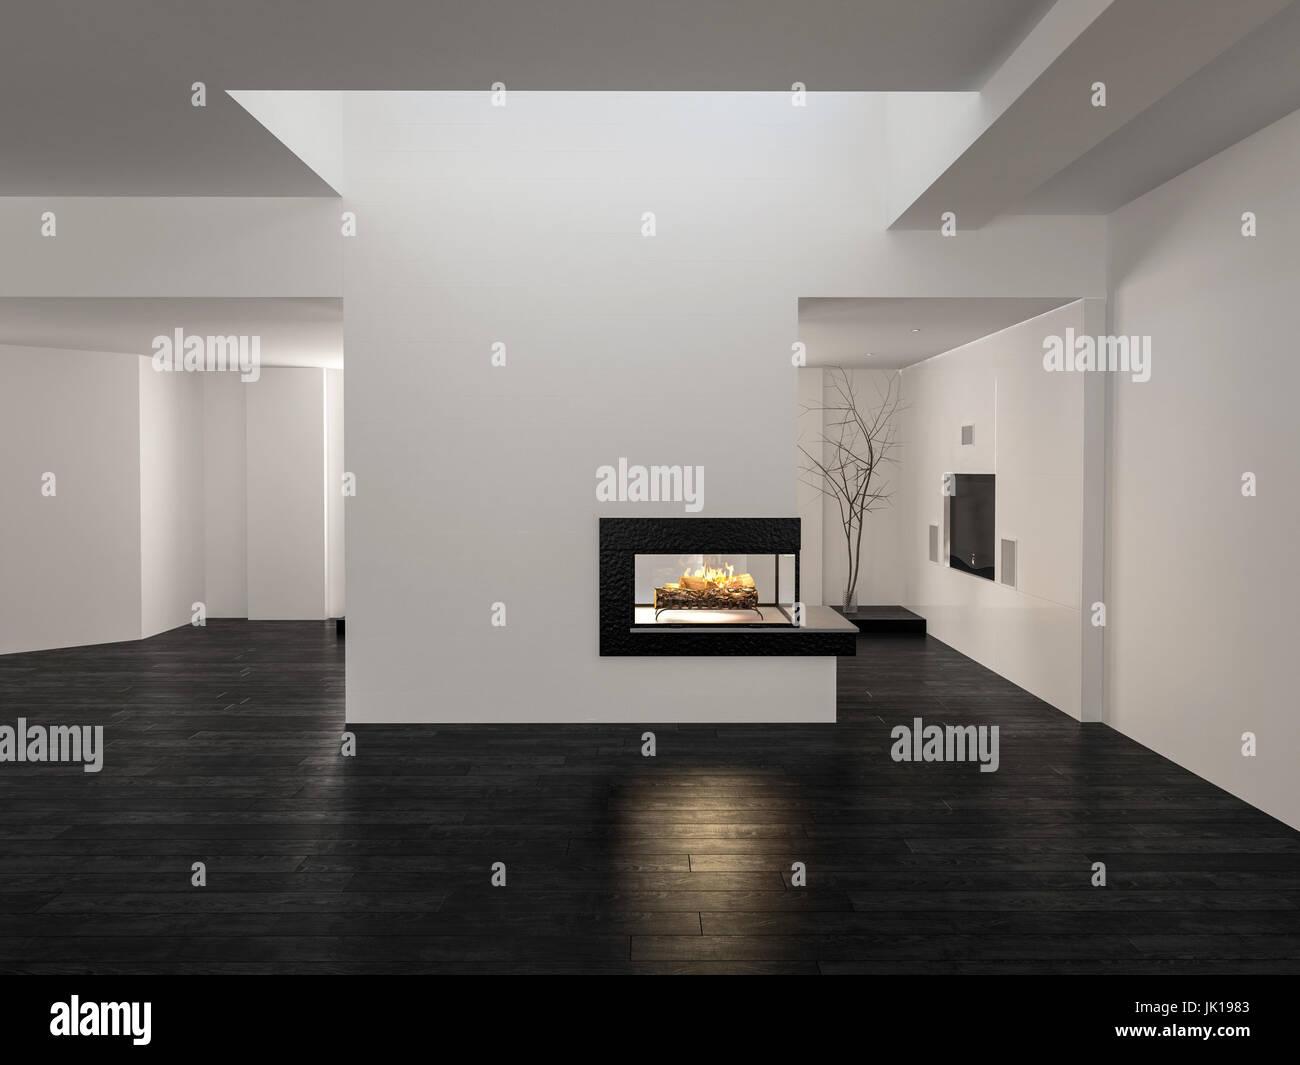 3d Fußboden Wohnzimmer ~ Große unmöblierte leere offene wohnzimmer innenraum mit weißen